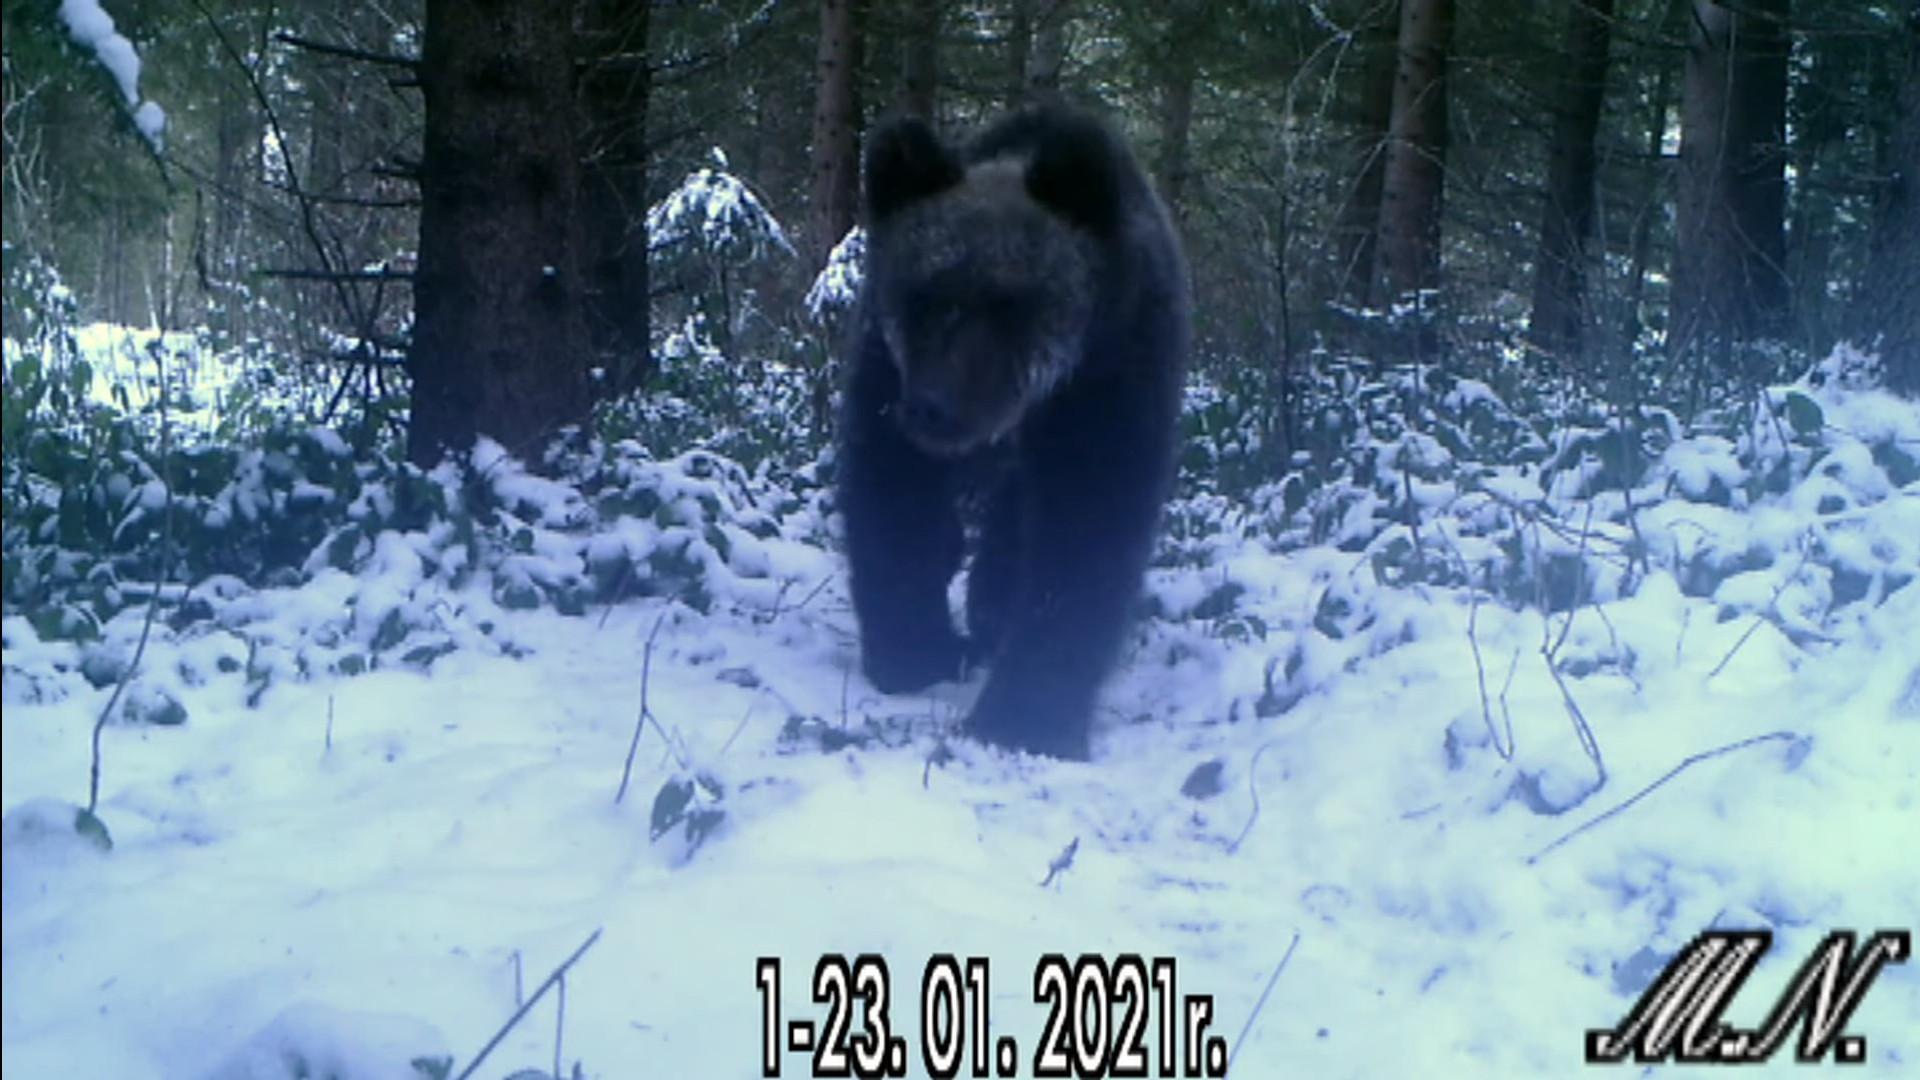 Przez brak zimy niedźwiedzie nie zapadły w sen zimowy - Zdjęcie główne